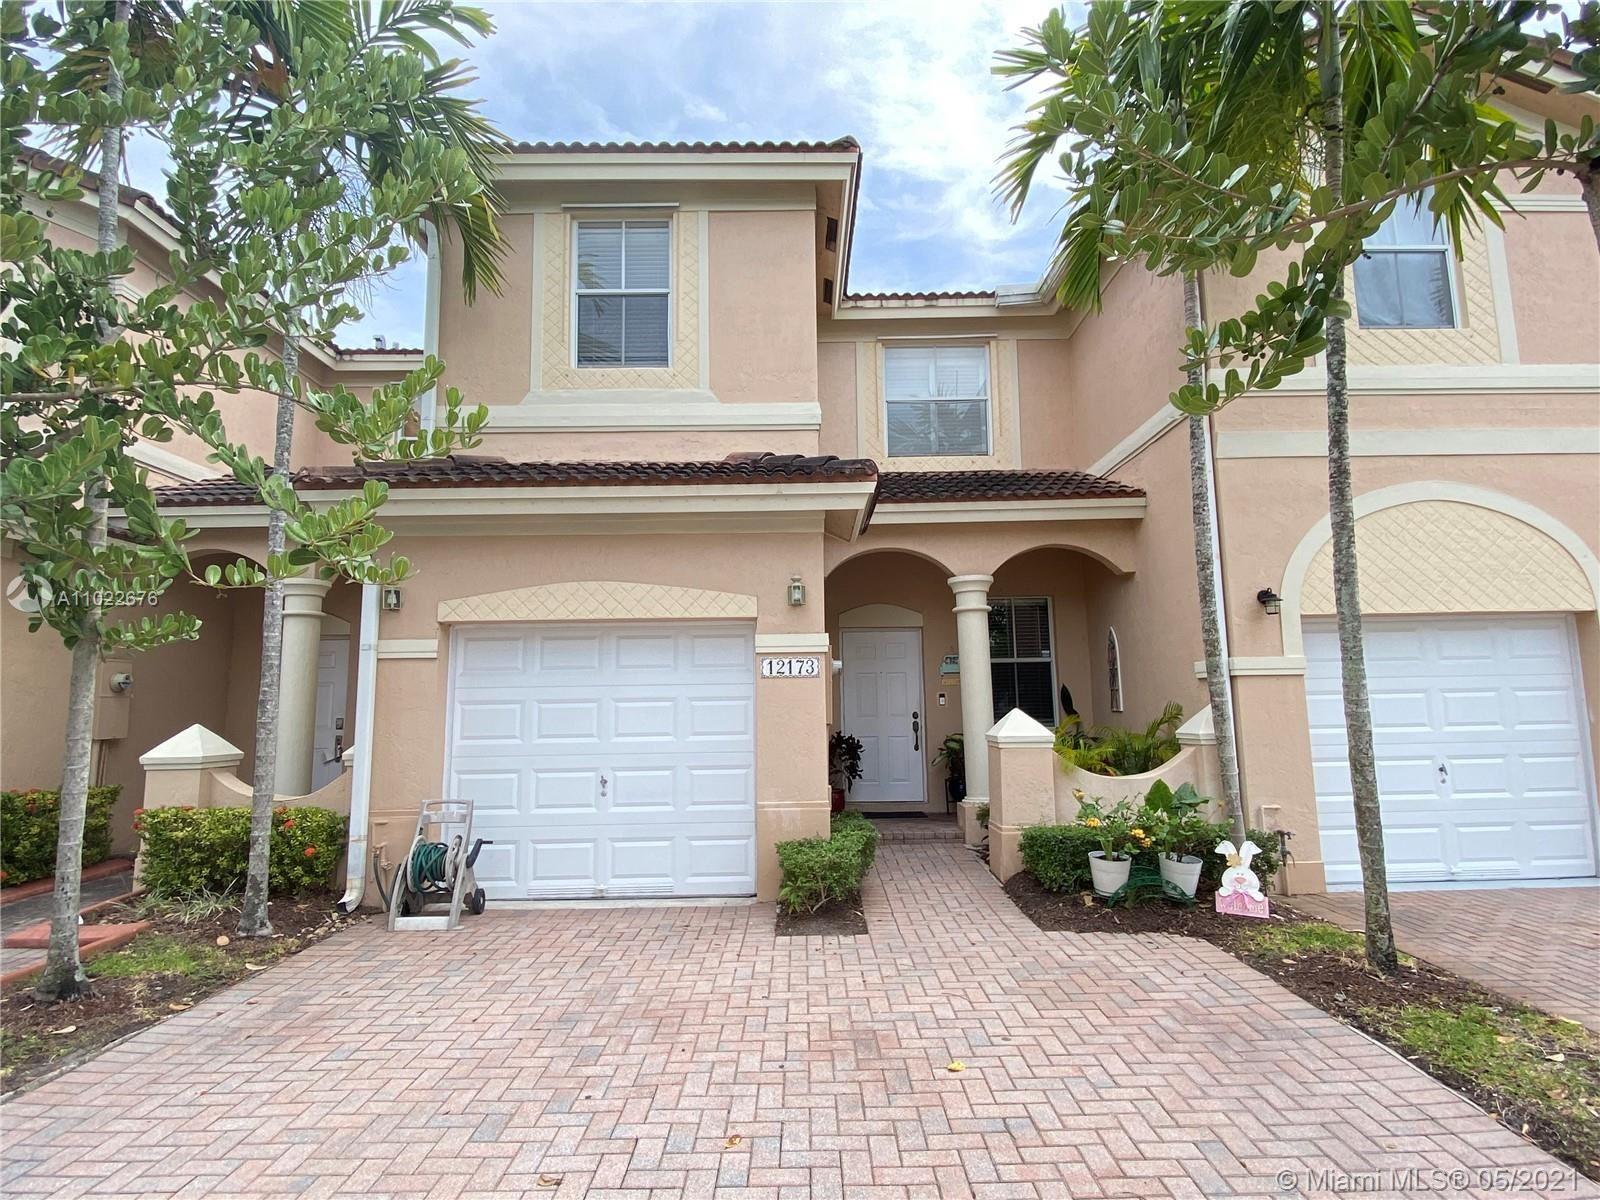 12173 SW 125th Ct, Miami, FL 33186 - #: A11022676